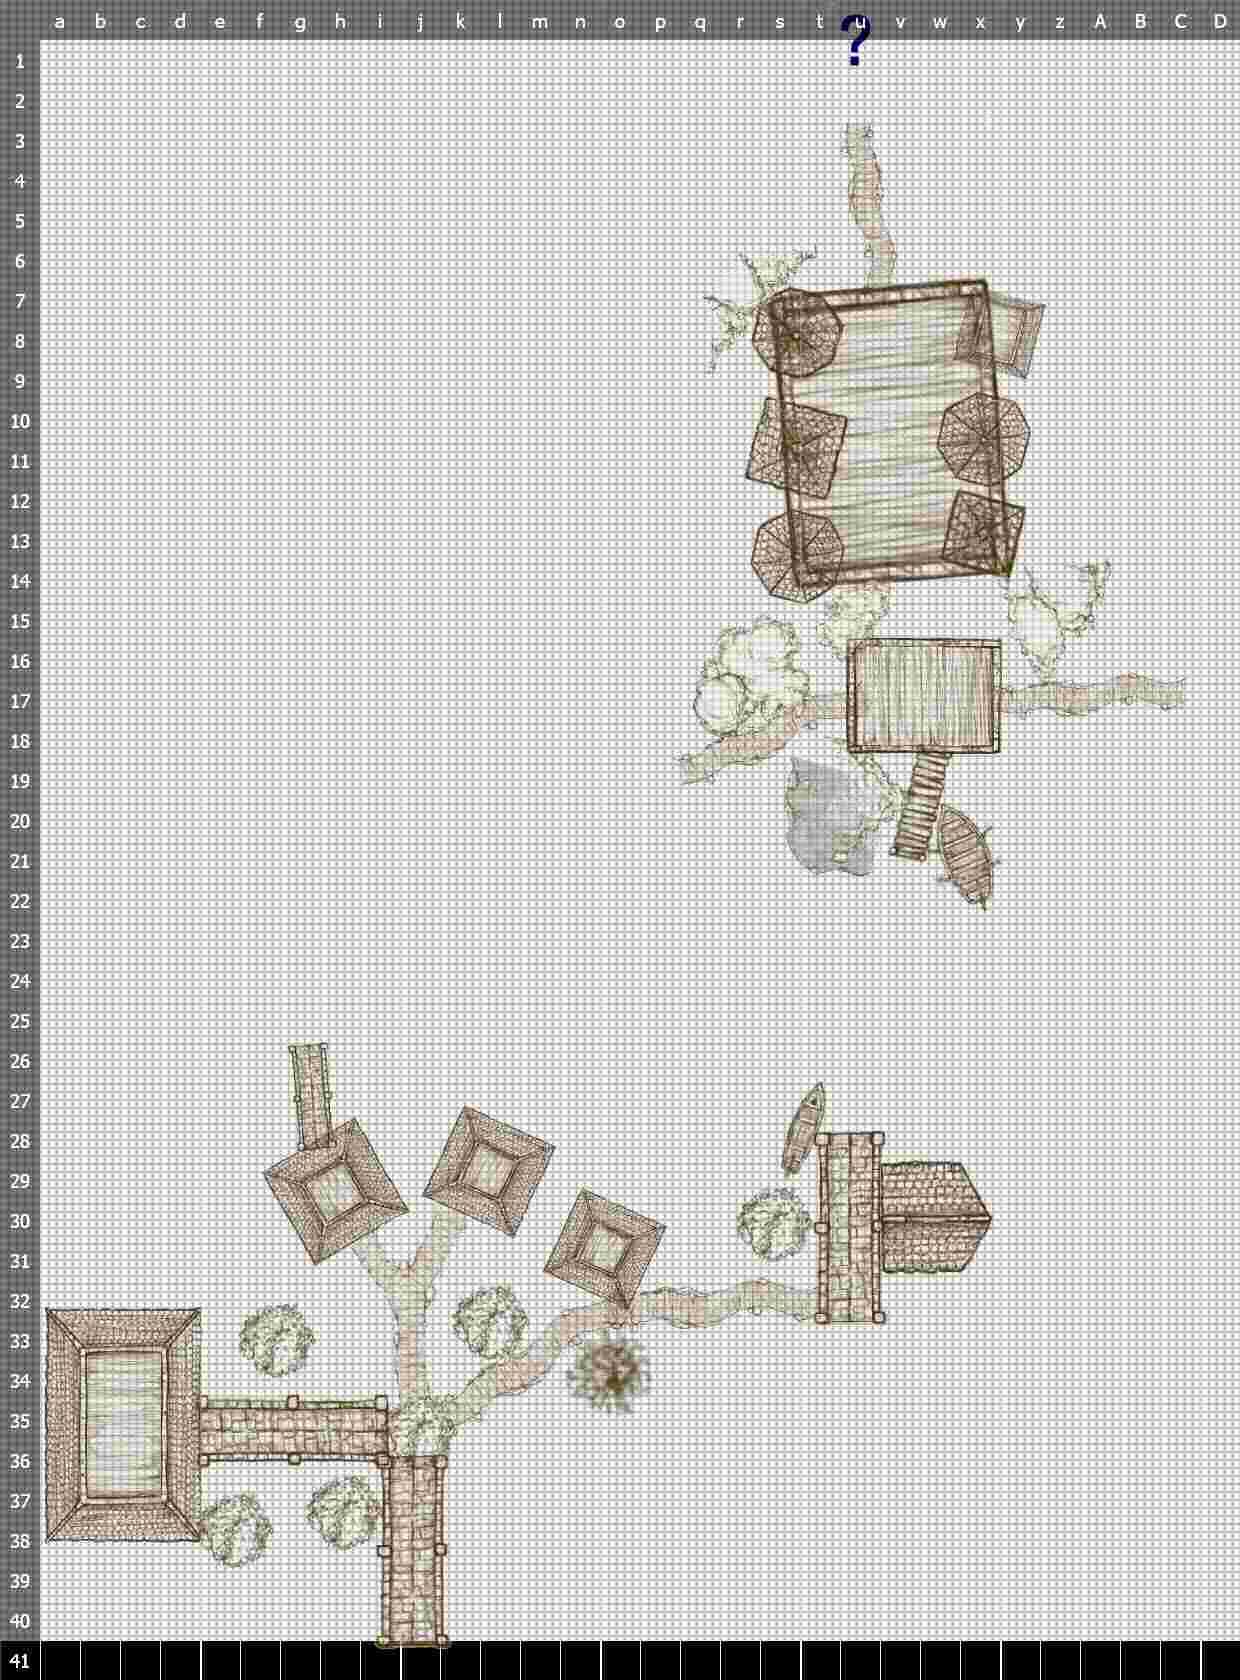 Pergamino XXXI: De la ponzoñosa vida de Amadahy y las leyendas que nunca se hicieron realidad - Página 4 Mapa_p10